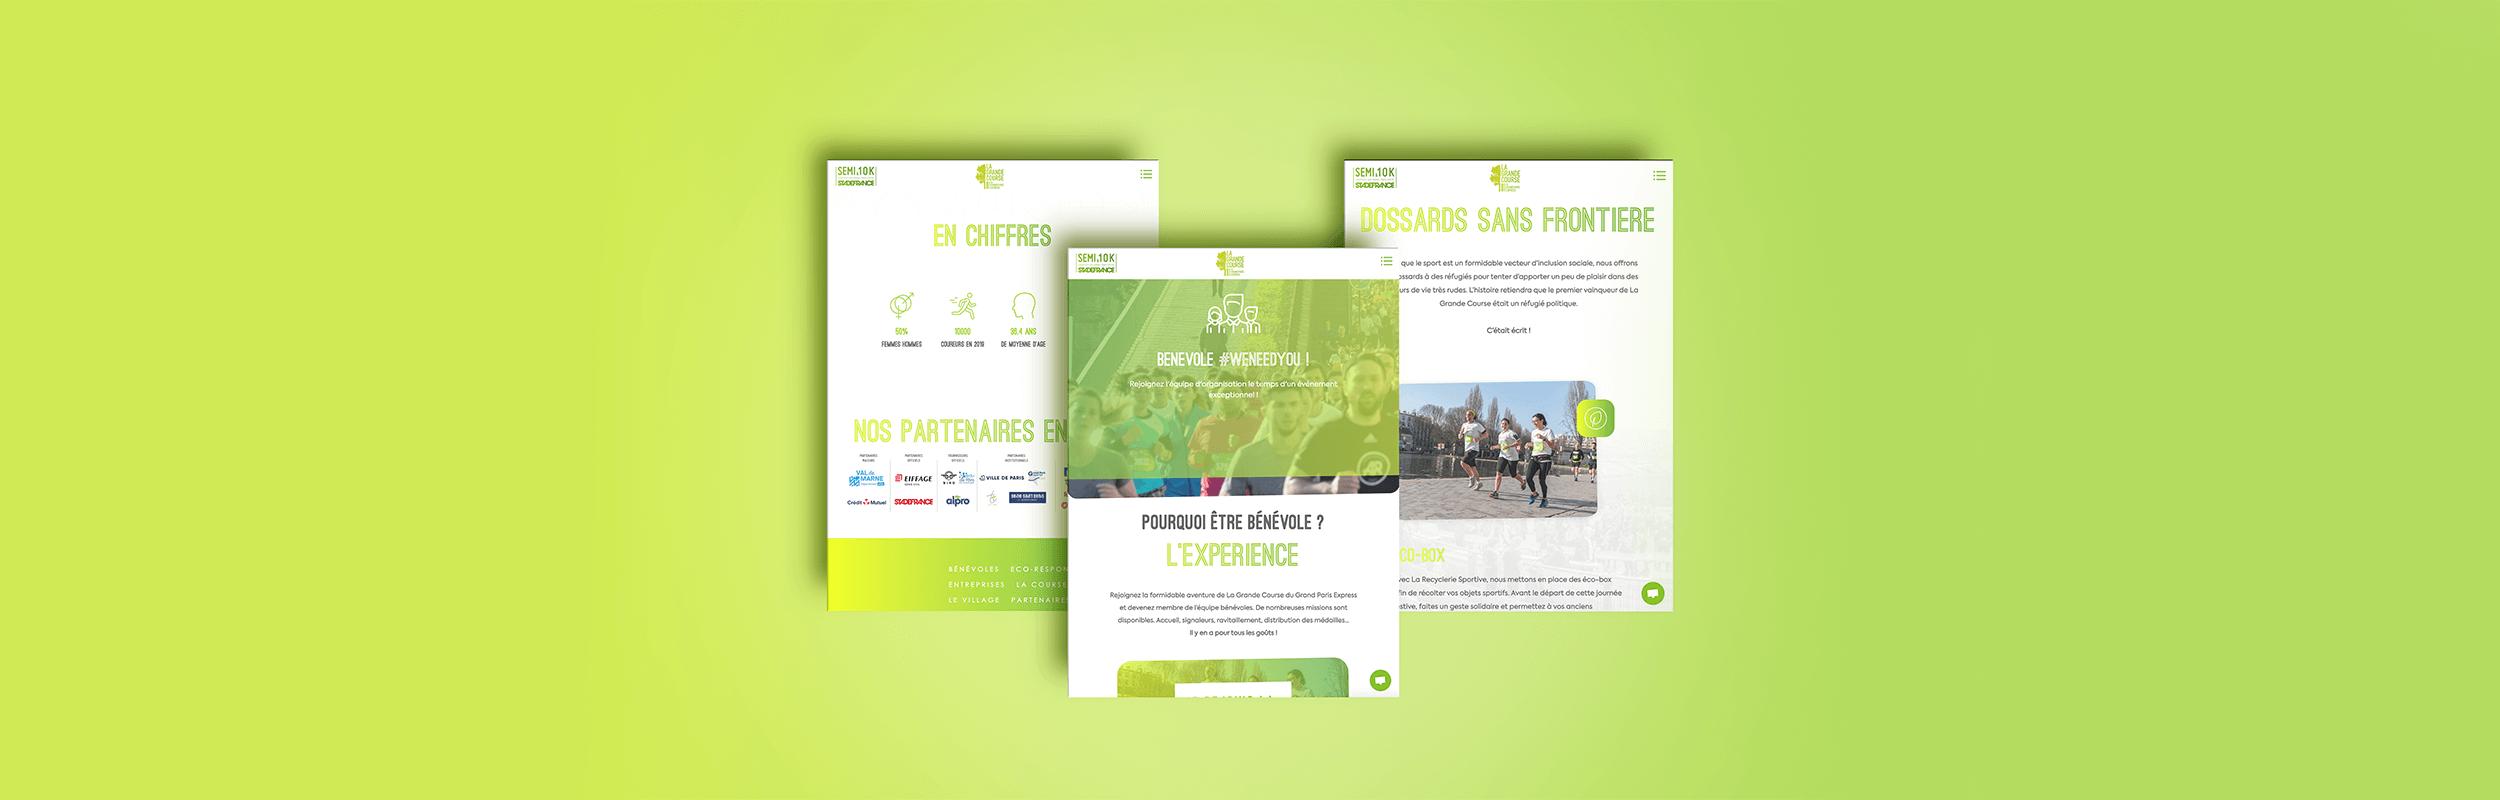 image-ecran-projet-la-grande-course-agence-conseil-en-communication-Letb-synergie